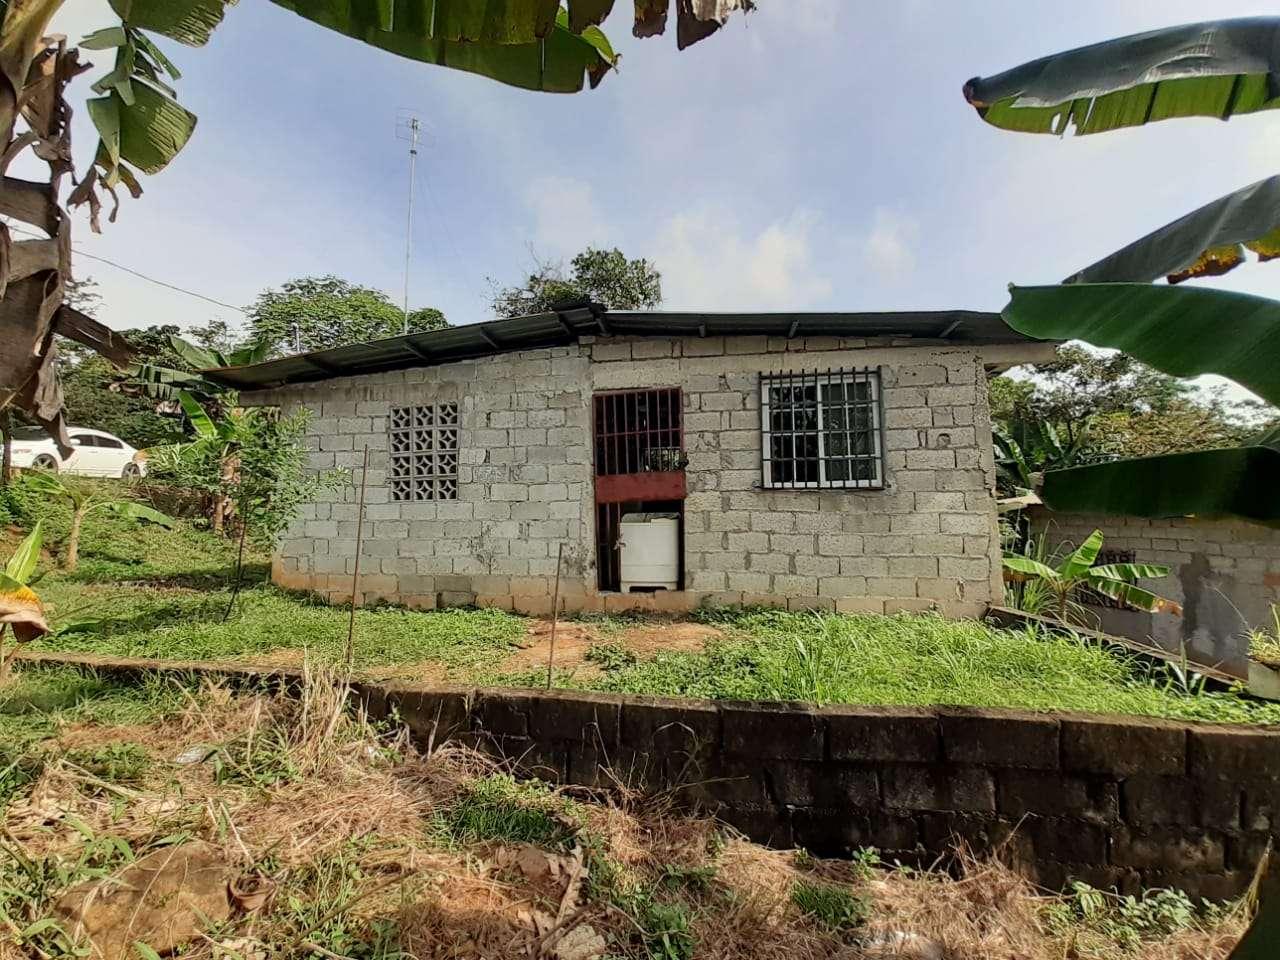 Vista externa de la residencia en donde fue ubicado el cadáver. Foto: Jorge Luis Barría